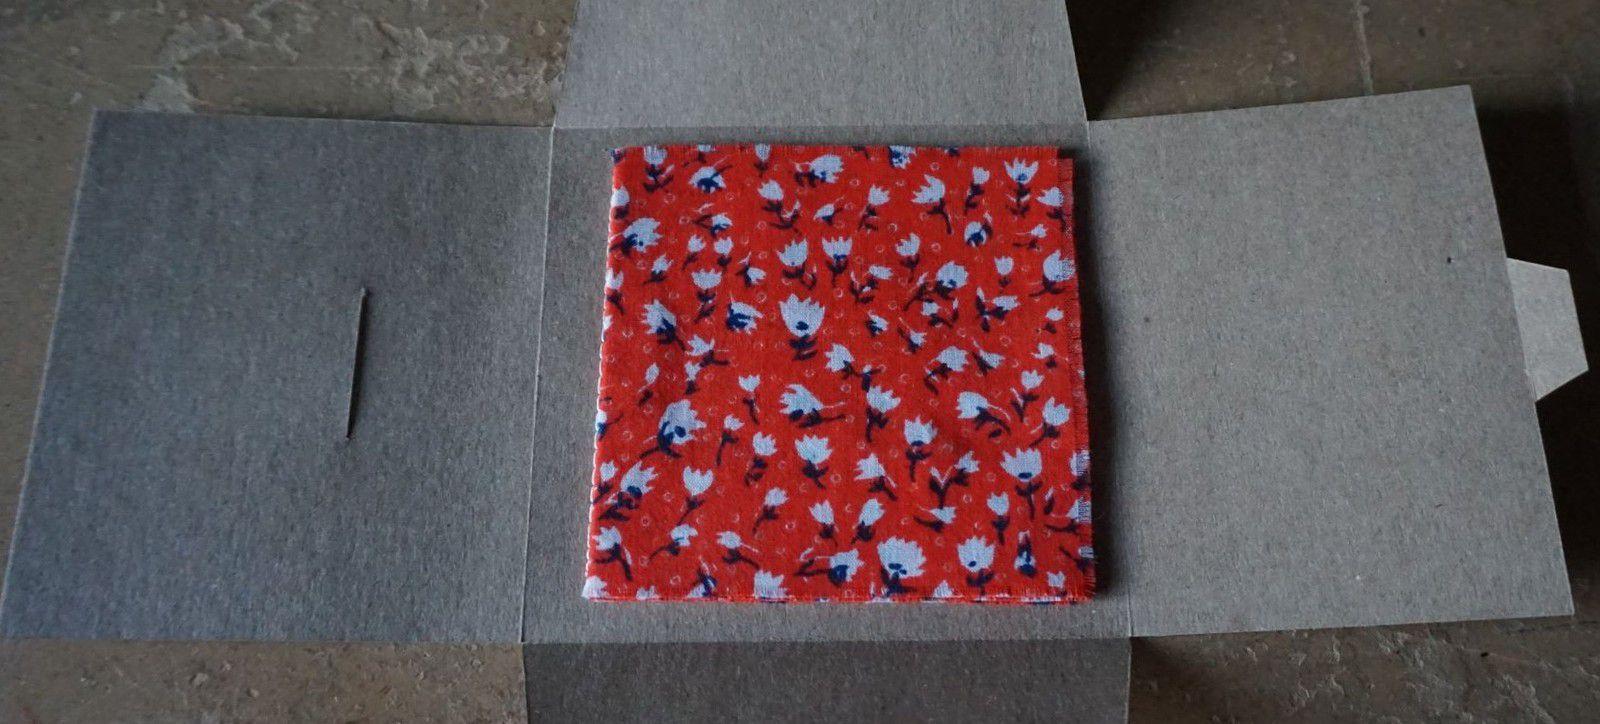 """""""Livret, 6"""", 2019, fragment de tissu brodé au fil de coton, 8 exemplaires numérotés et signés dans leur étui, 11,5 cm par 11 cm."""